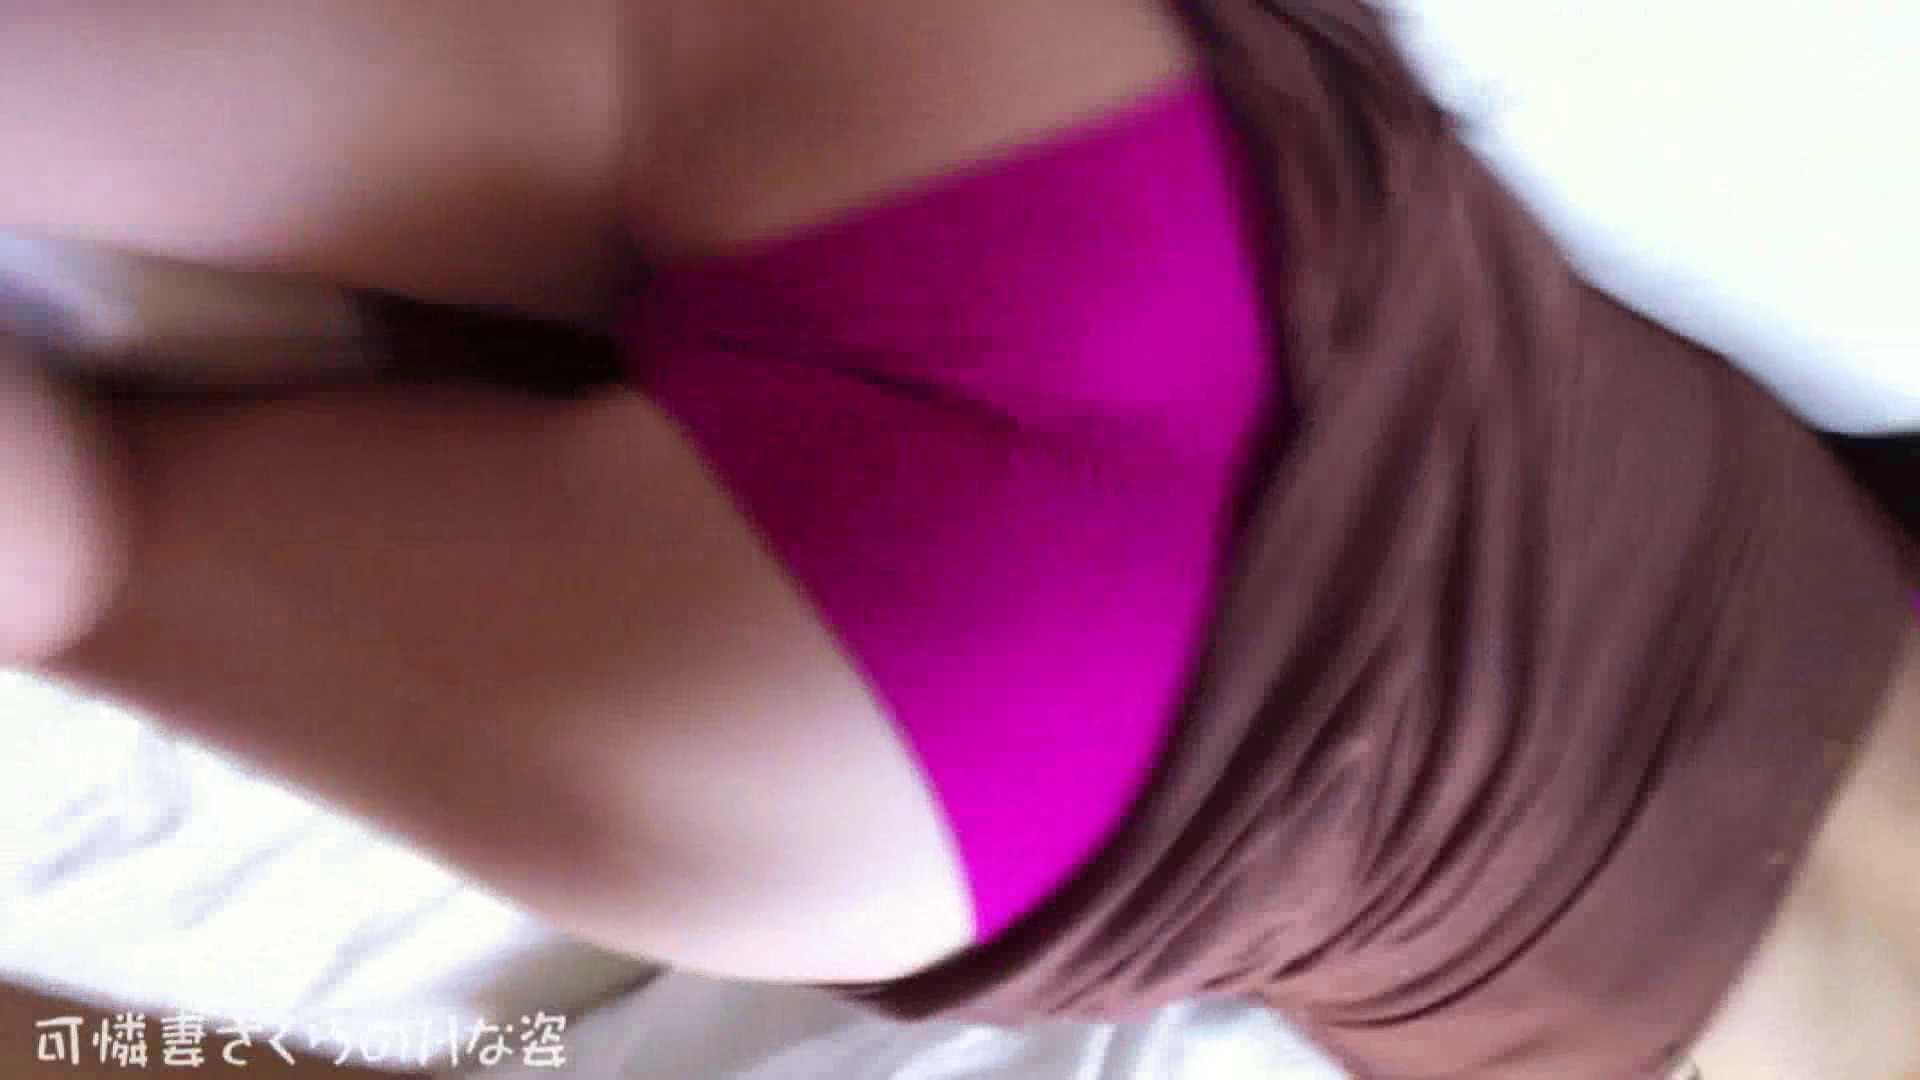 可憐妻さくらのHな姿vol.24 おっぱい アダルト動画キャプチャ 103PIX 6